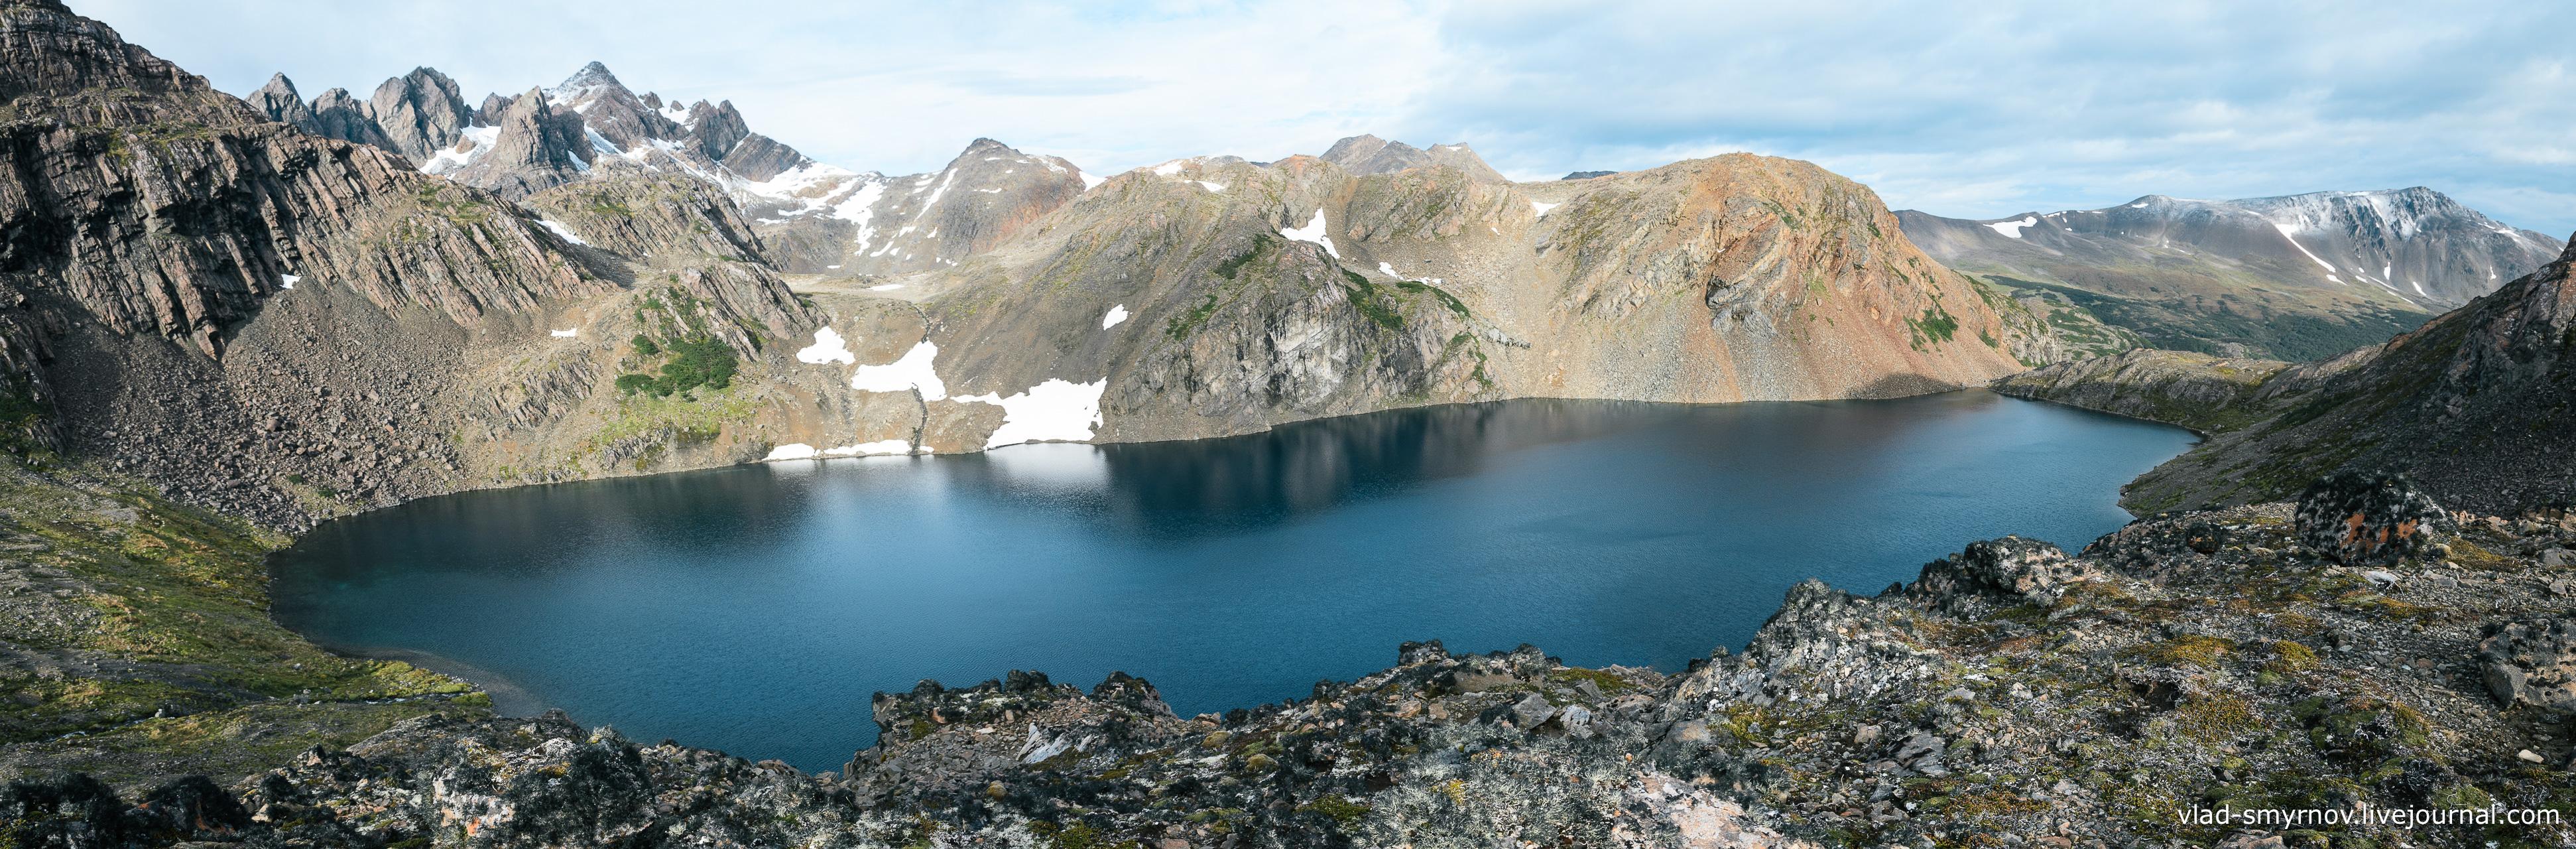 Безымянное озеро